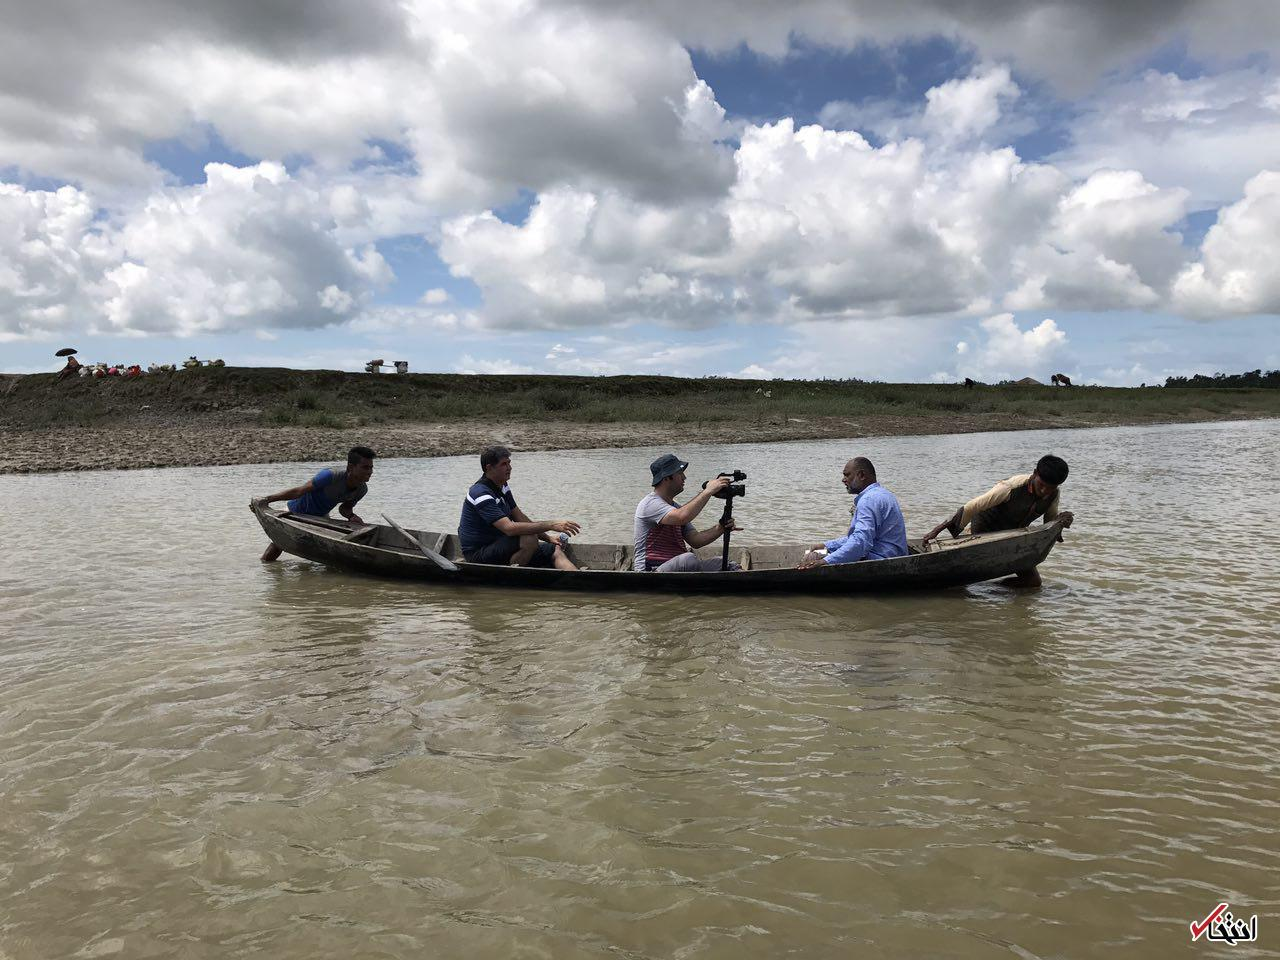 آوارگان میانمار چشم انتظار حضور یک مقام بلندپایه ایرانی/ اعتبار جهانی ظریف میتواند نگاهها را به مسلمانان روهینگیا جلب کند/ نیاز آوارگان فقط غذاست، نه پتو و پوشاک + تصاویر اختصاصی از آوارگان